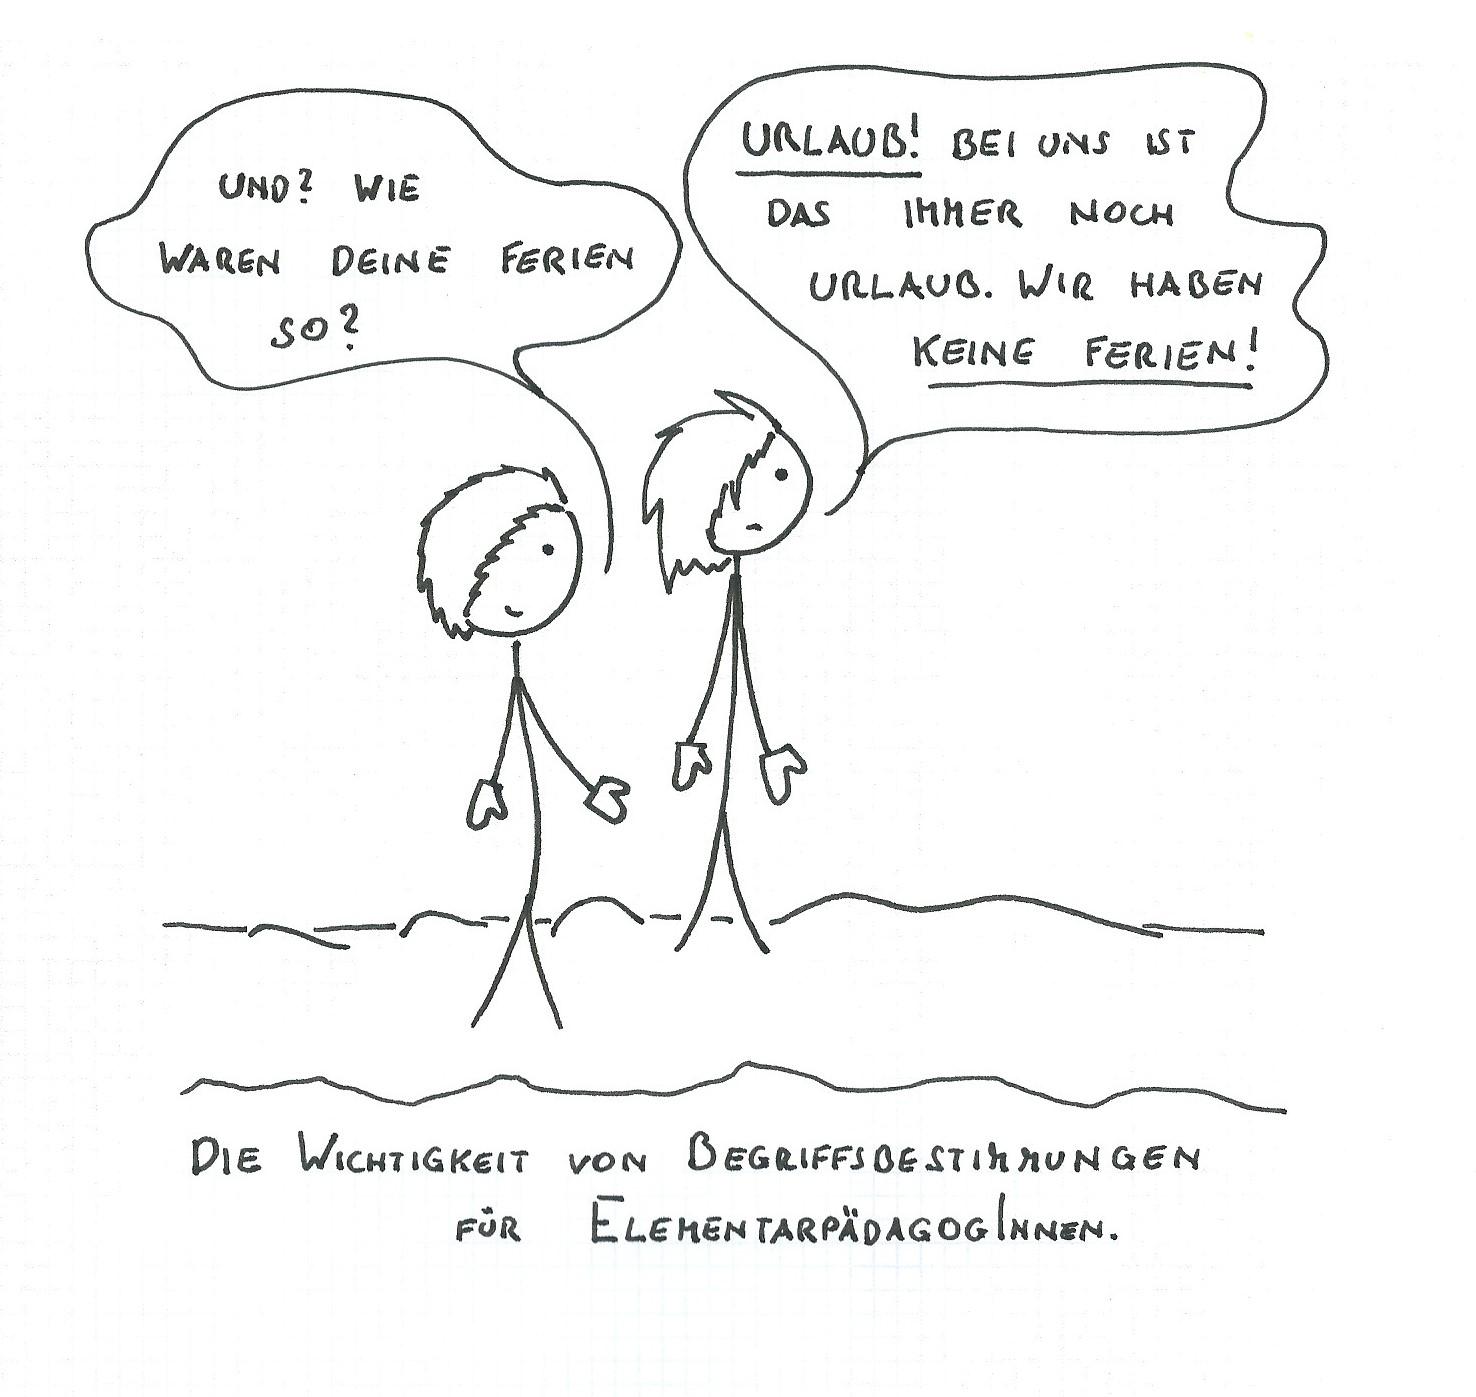 Ich kann es nur wiederholen: KEINE FERIEN FÜR KINDERGARTENPÄDAGOGINNEN (IN WIEN)!